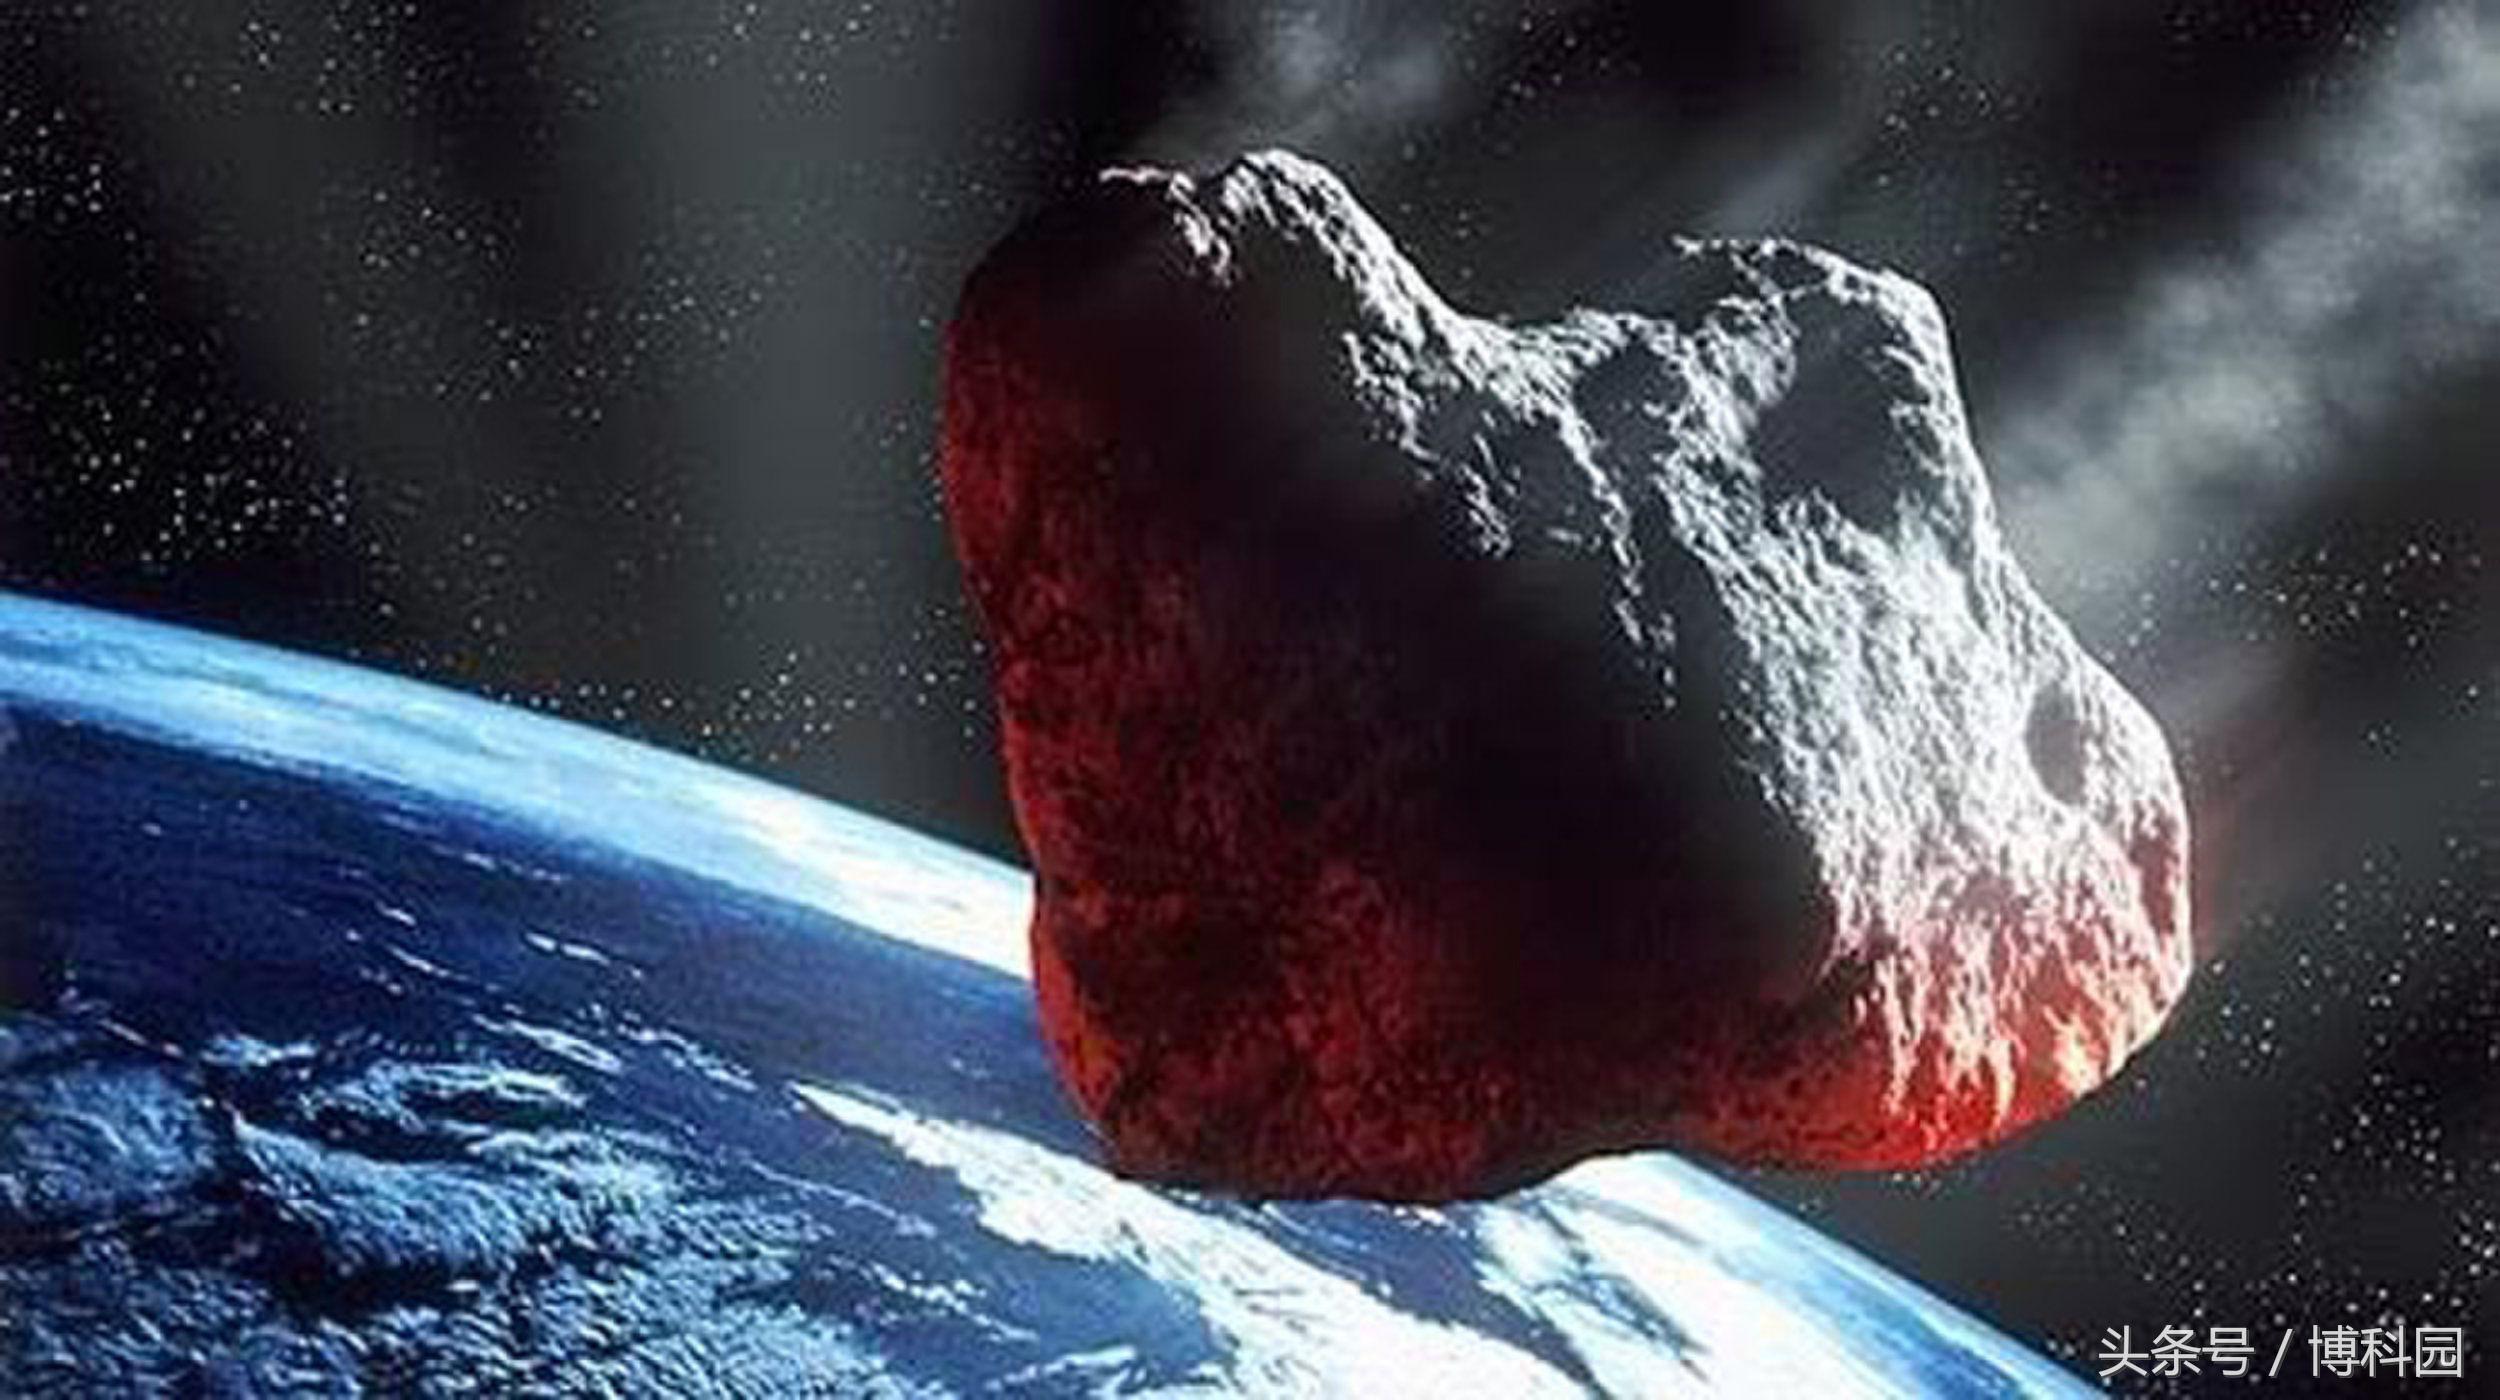 这是NASA在小行星撞击地球前发现并摧毁的新计划